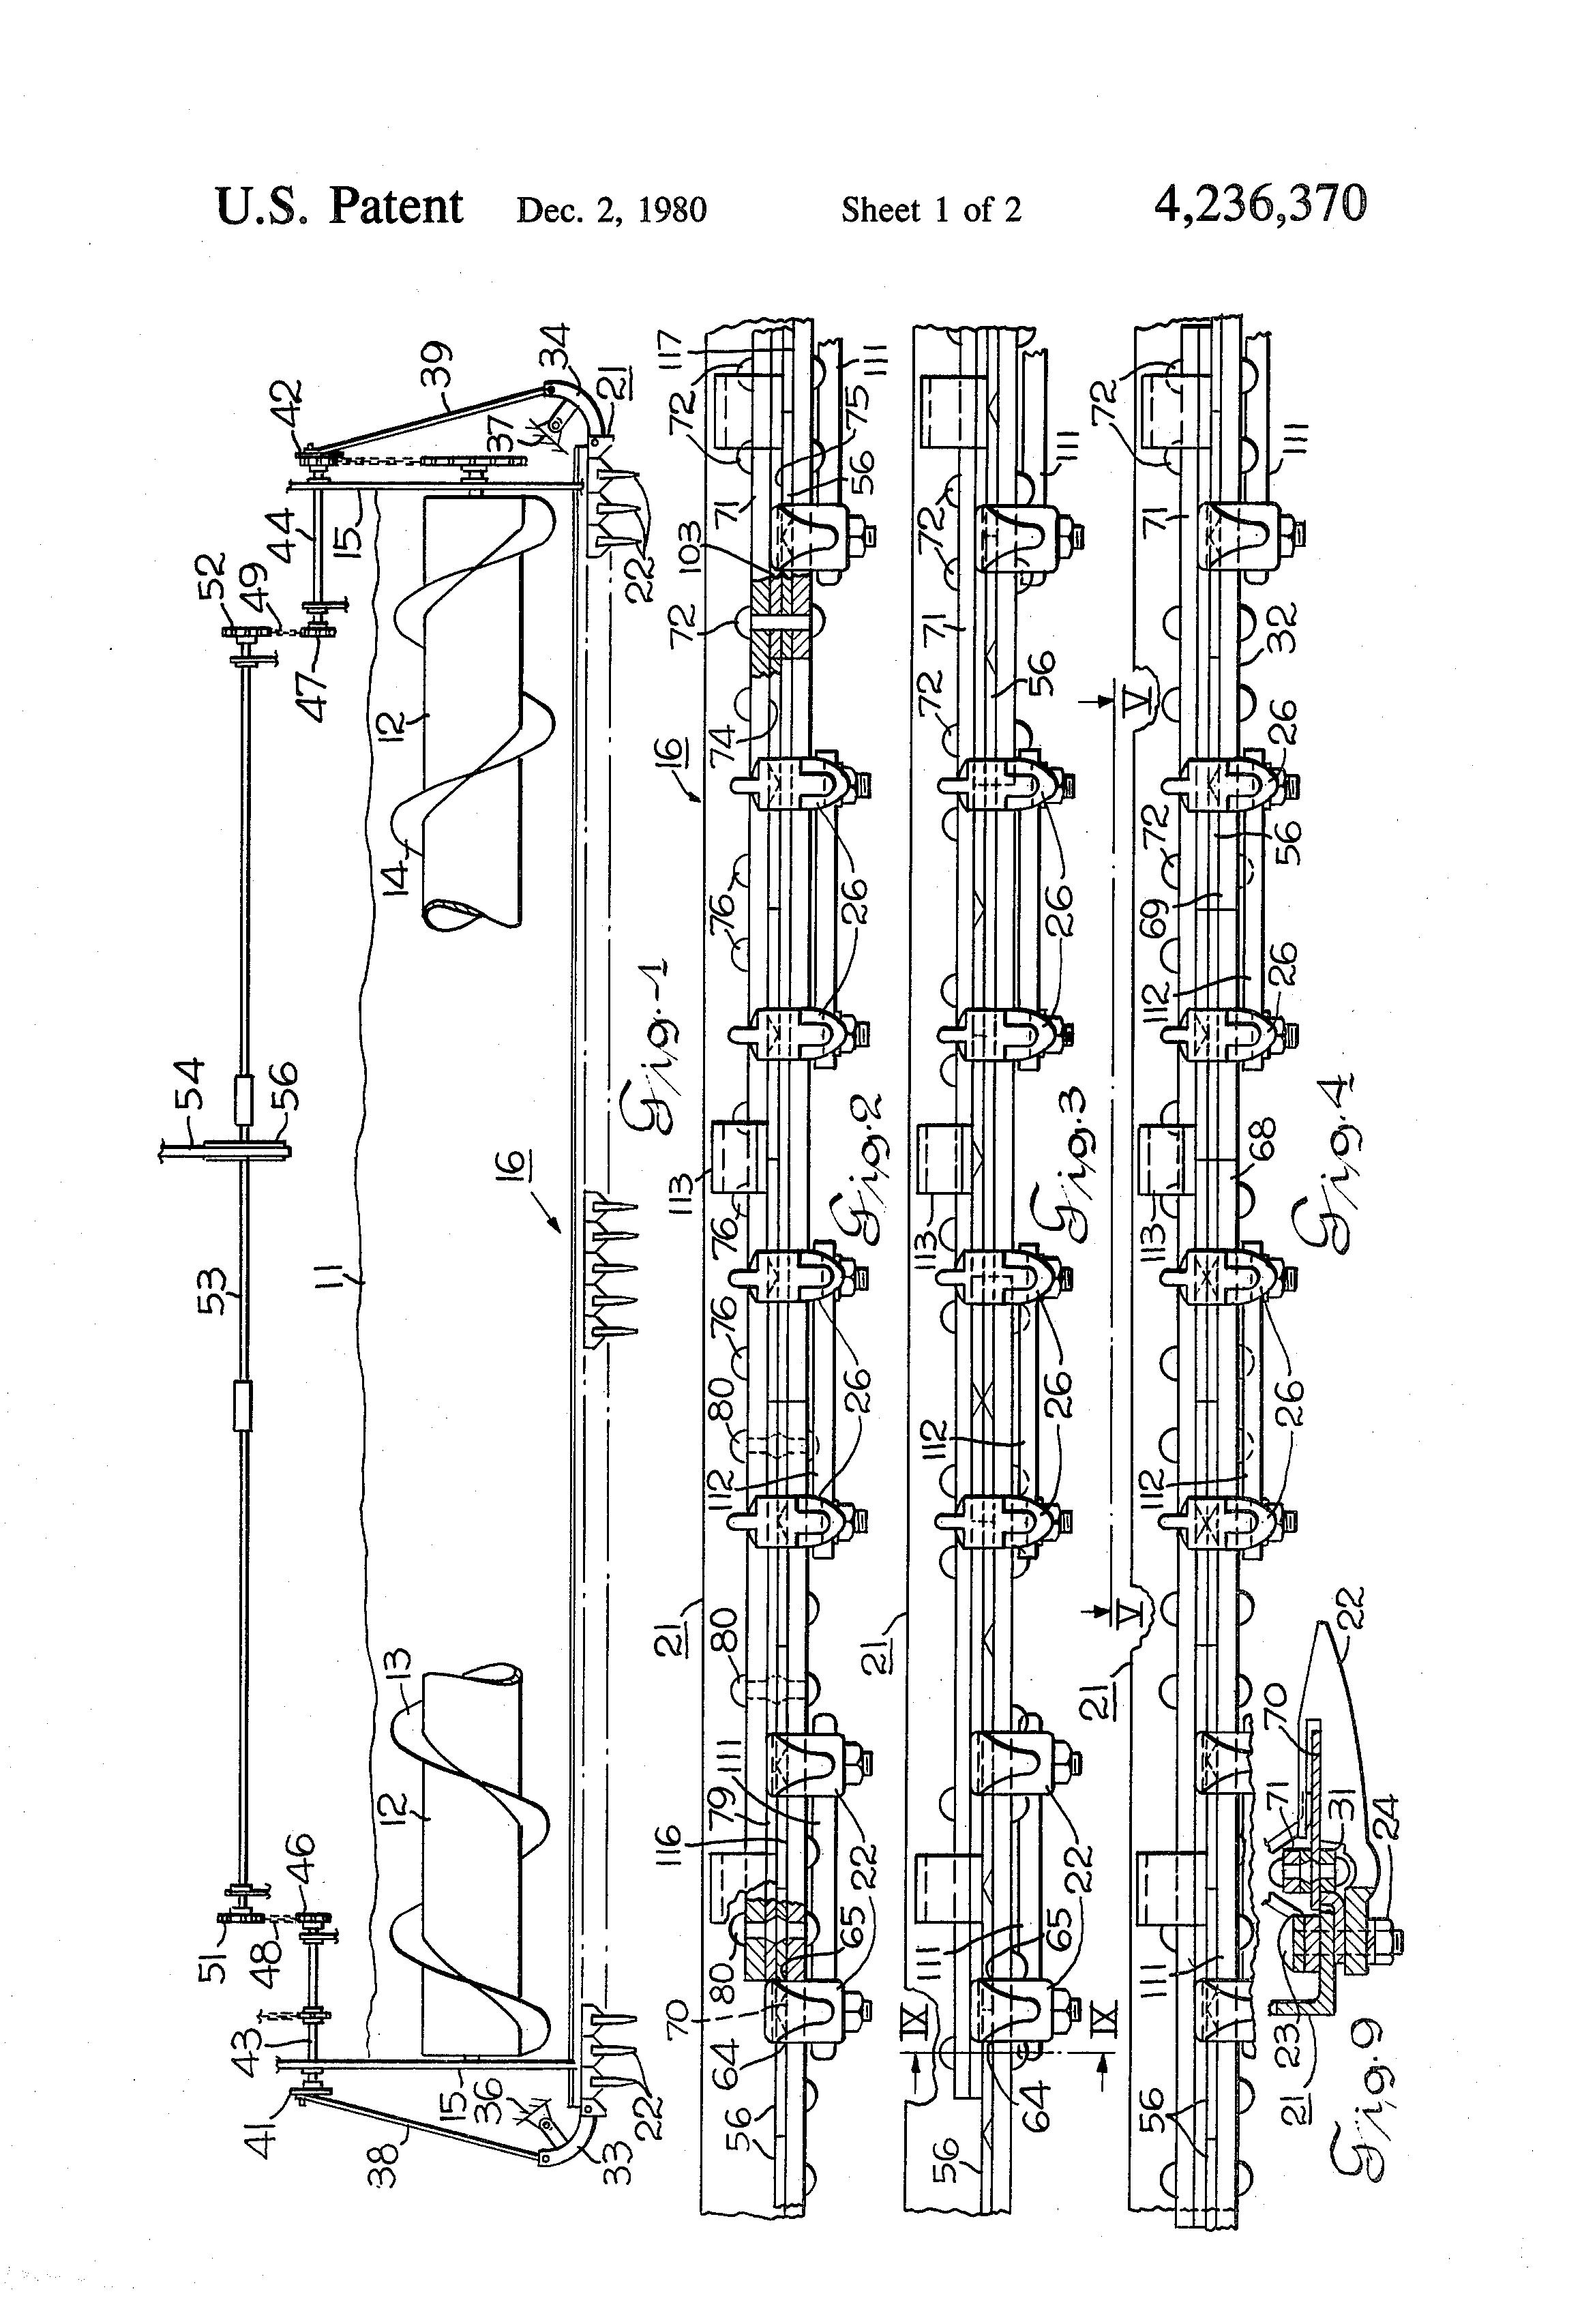 براءة الاختراع US4236370 - Mower with two sickle bars - براءات